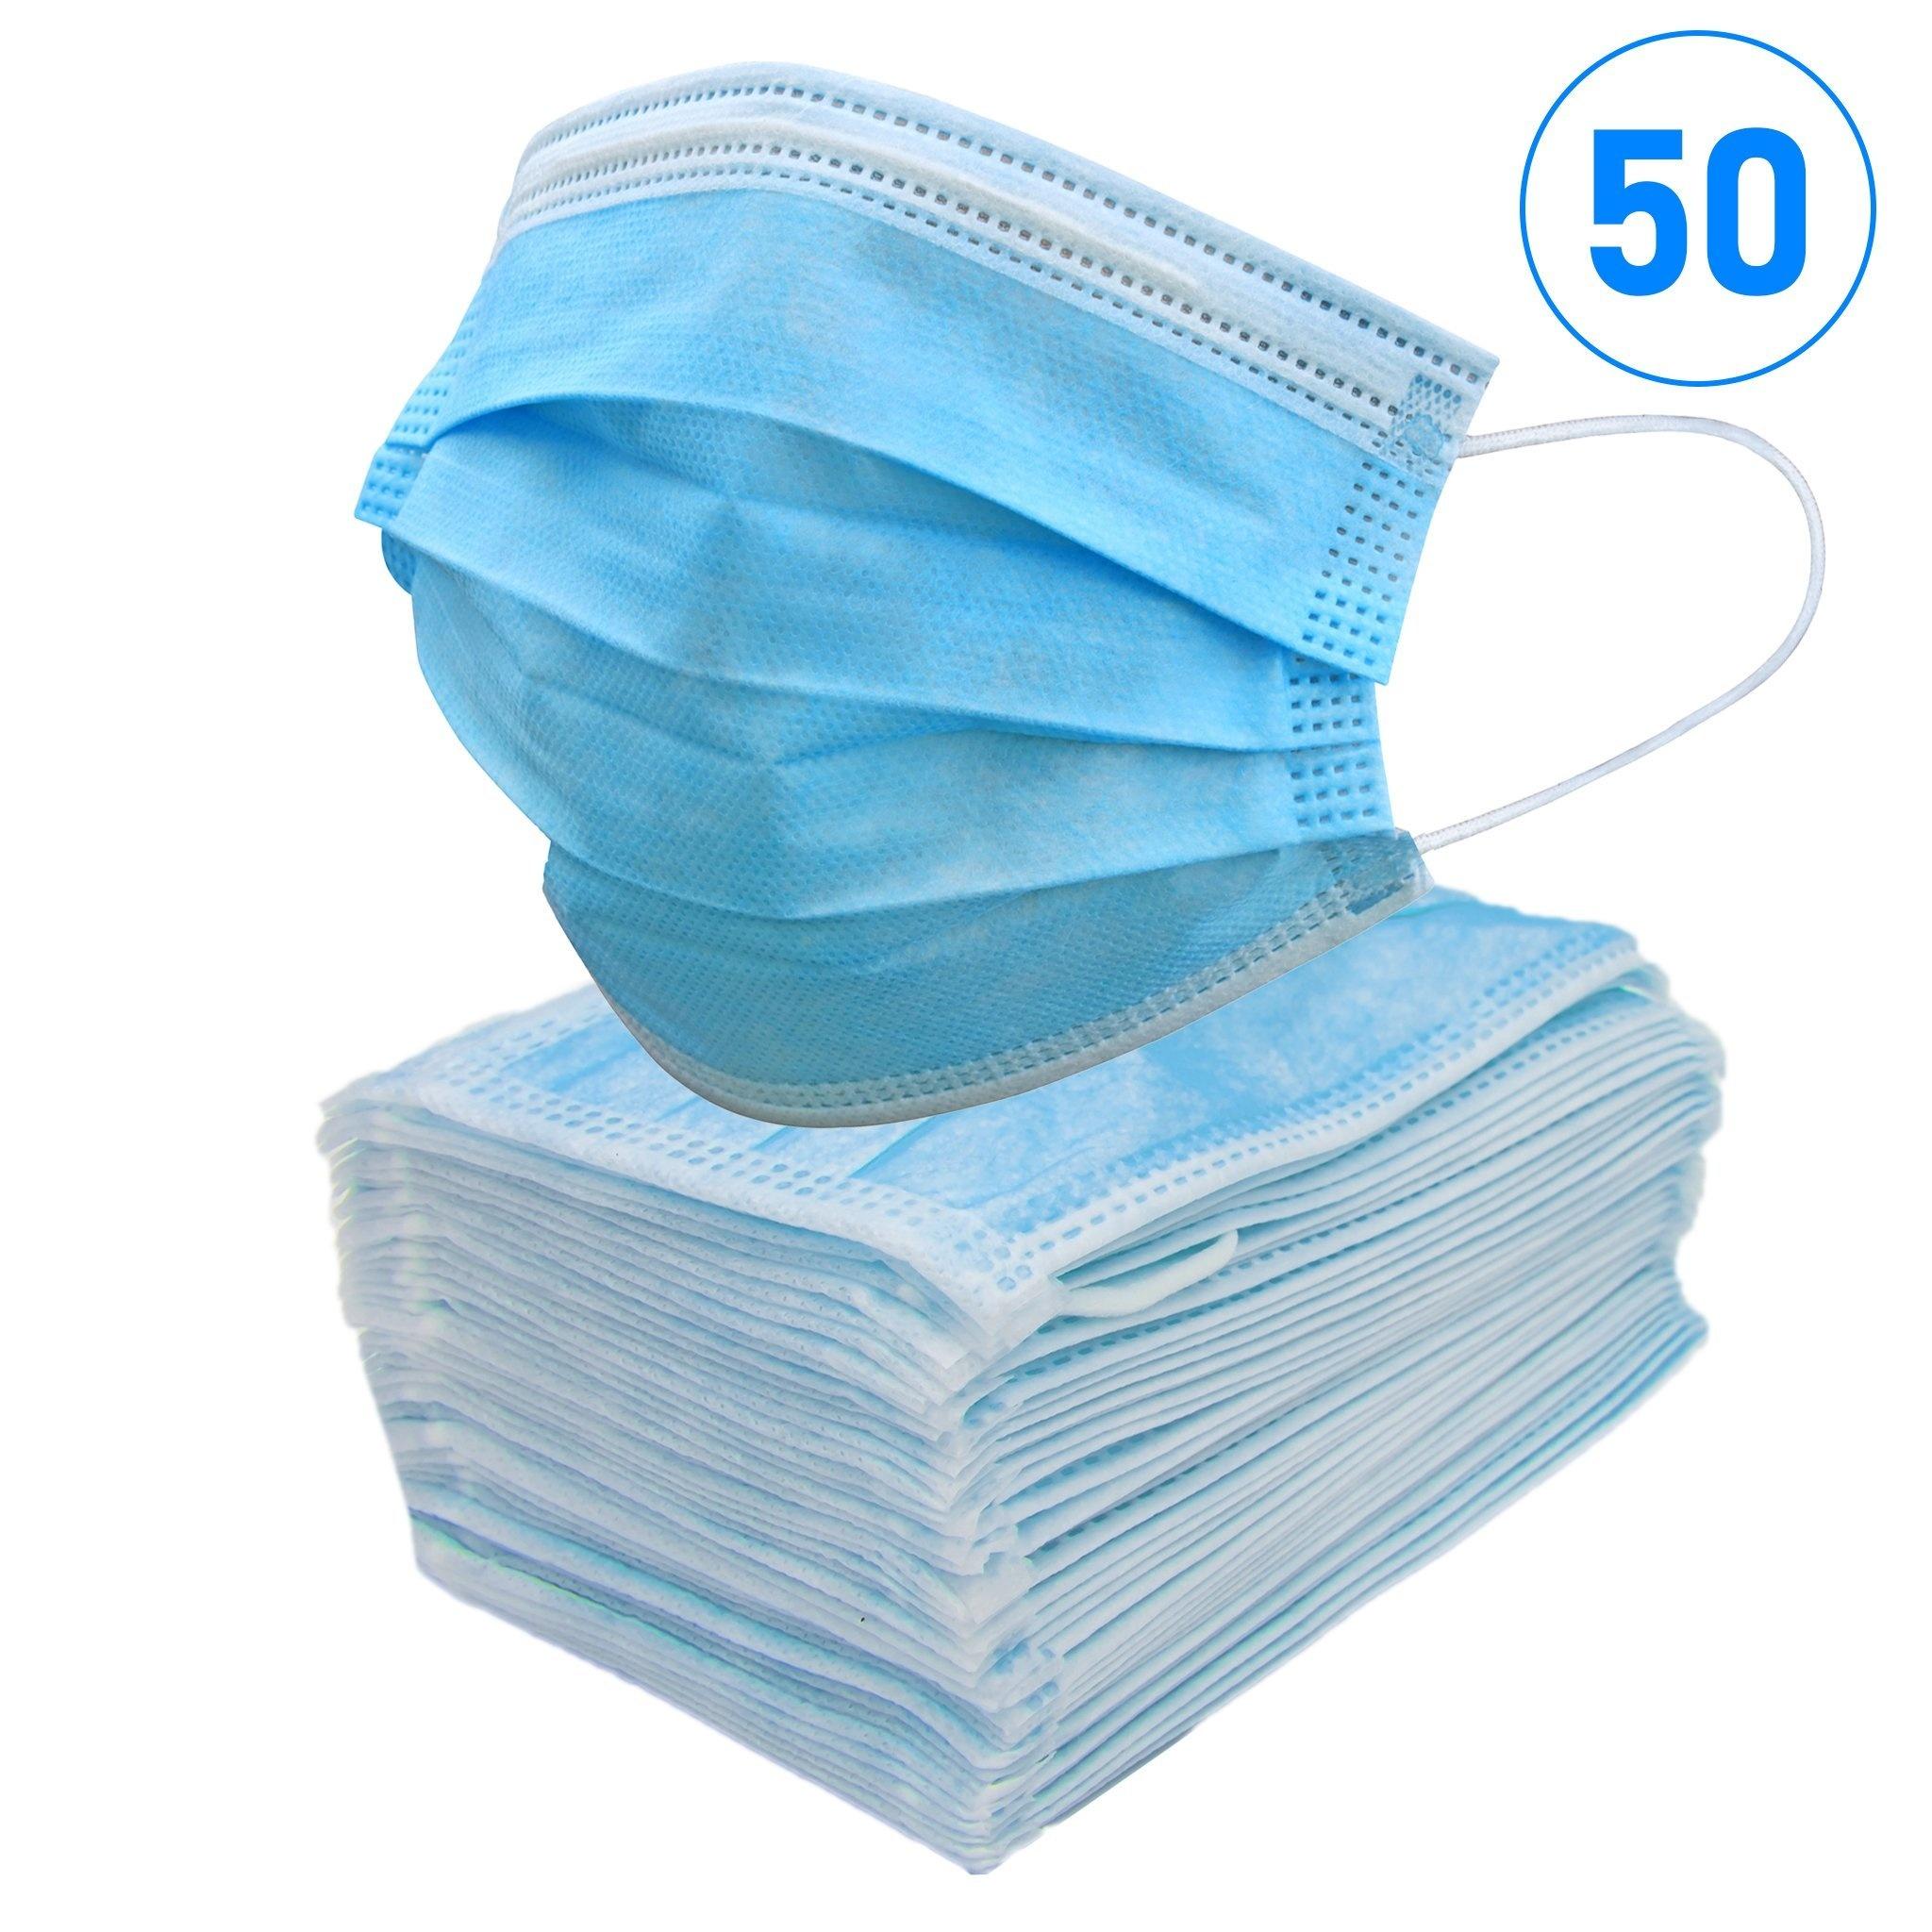 Mondkapjes - Niet Medische 3-Laags Mondmaskers - 50 stuks